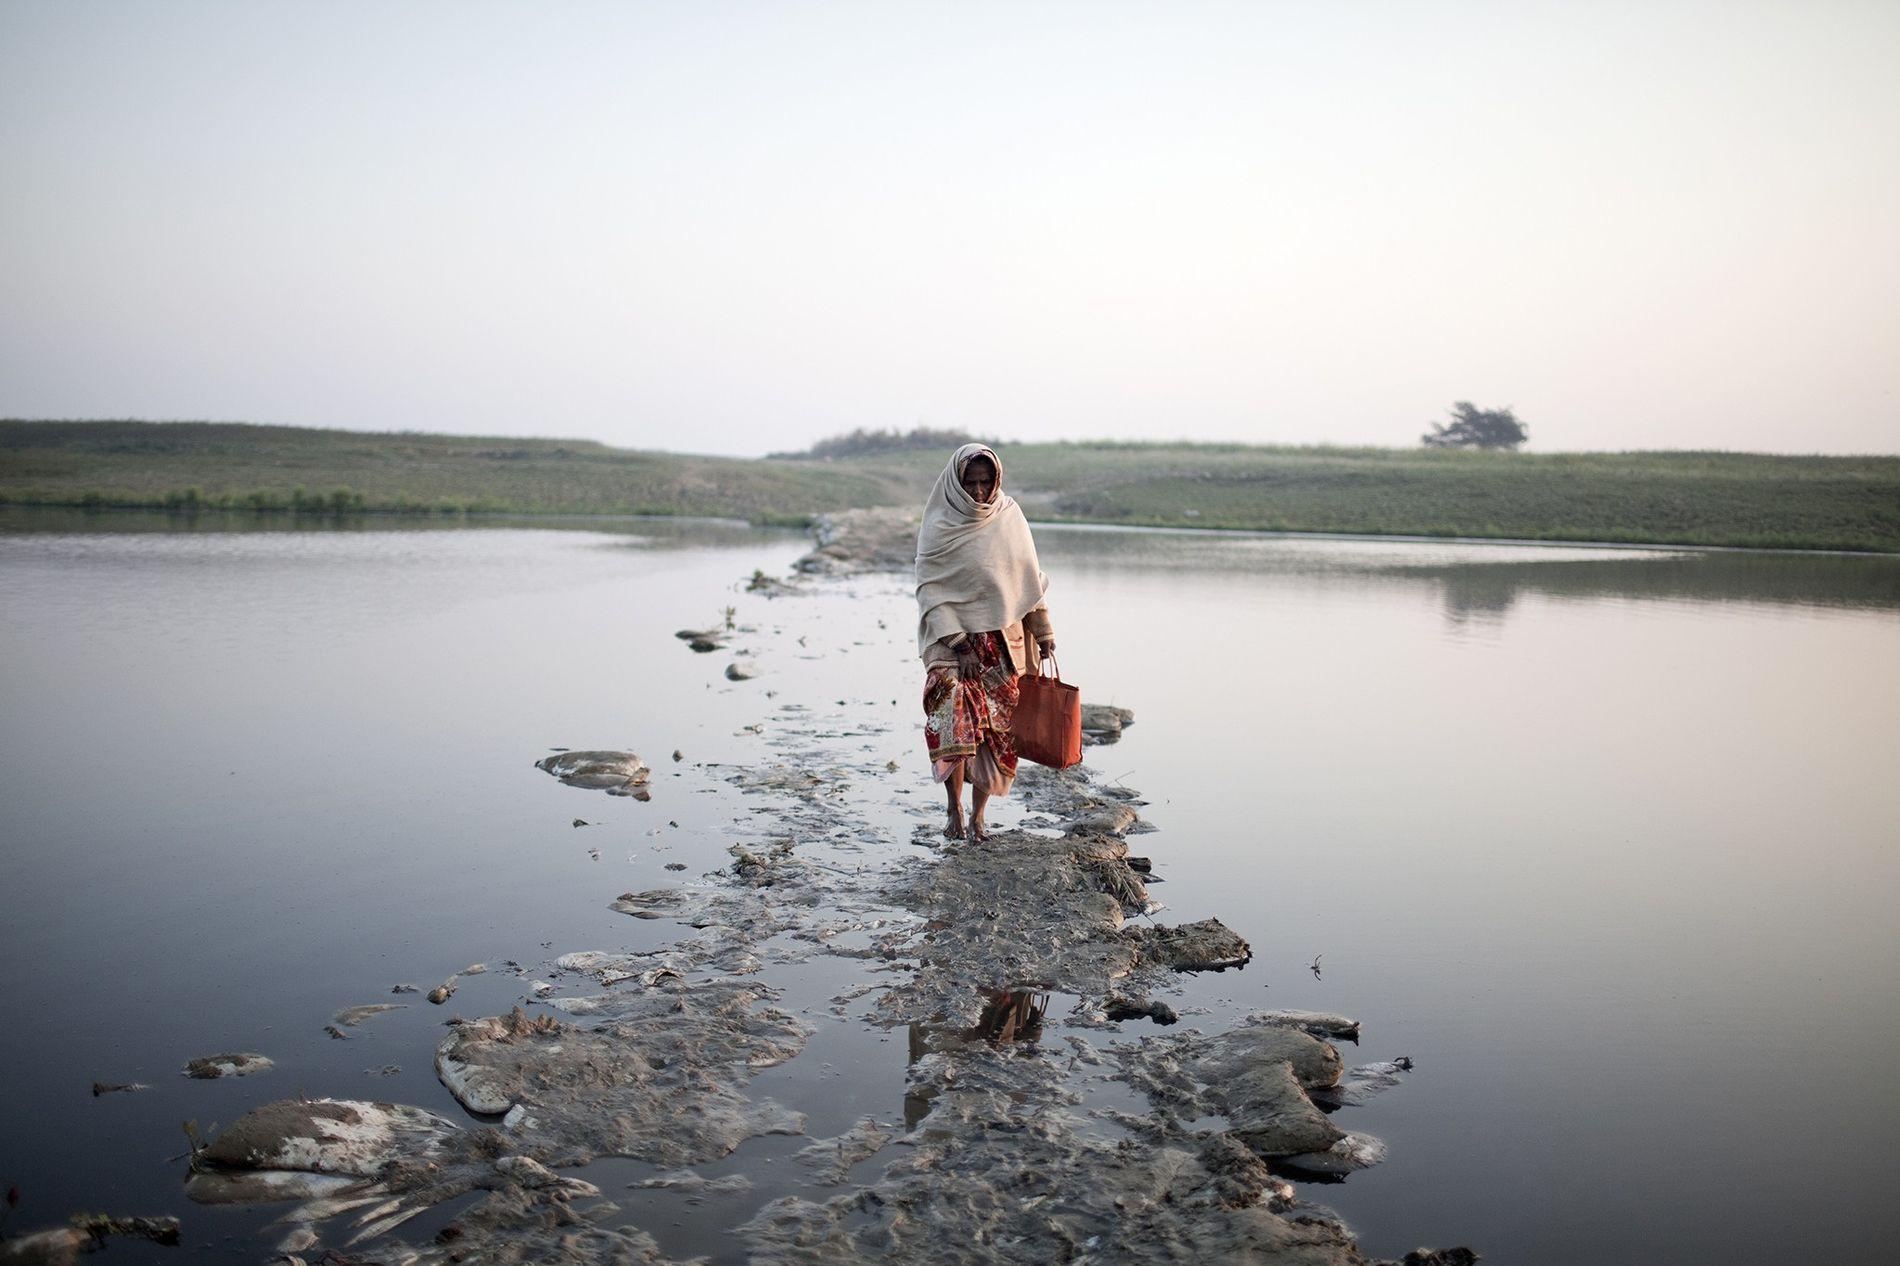 Eine Frau überquert einen kleinen Kanal des Ganges auf einer überschwemmten Brücke aus Müll.